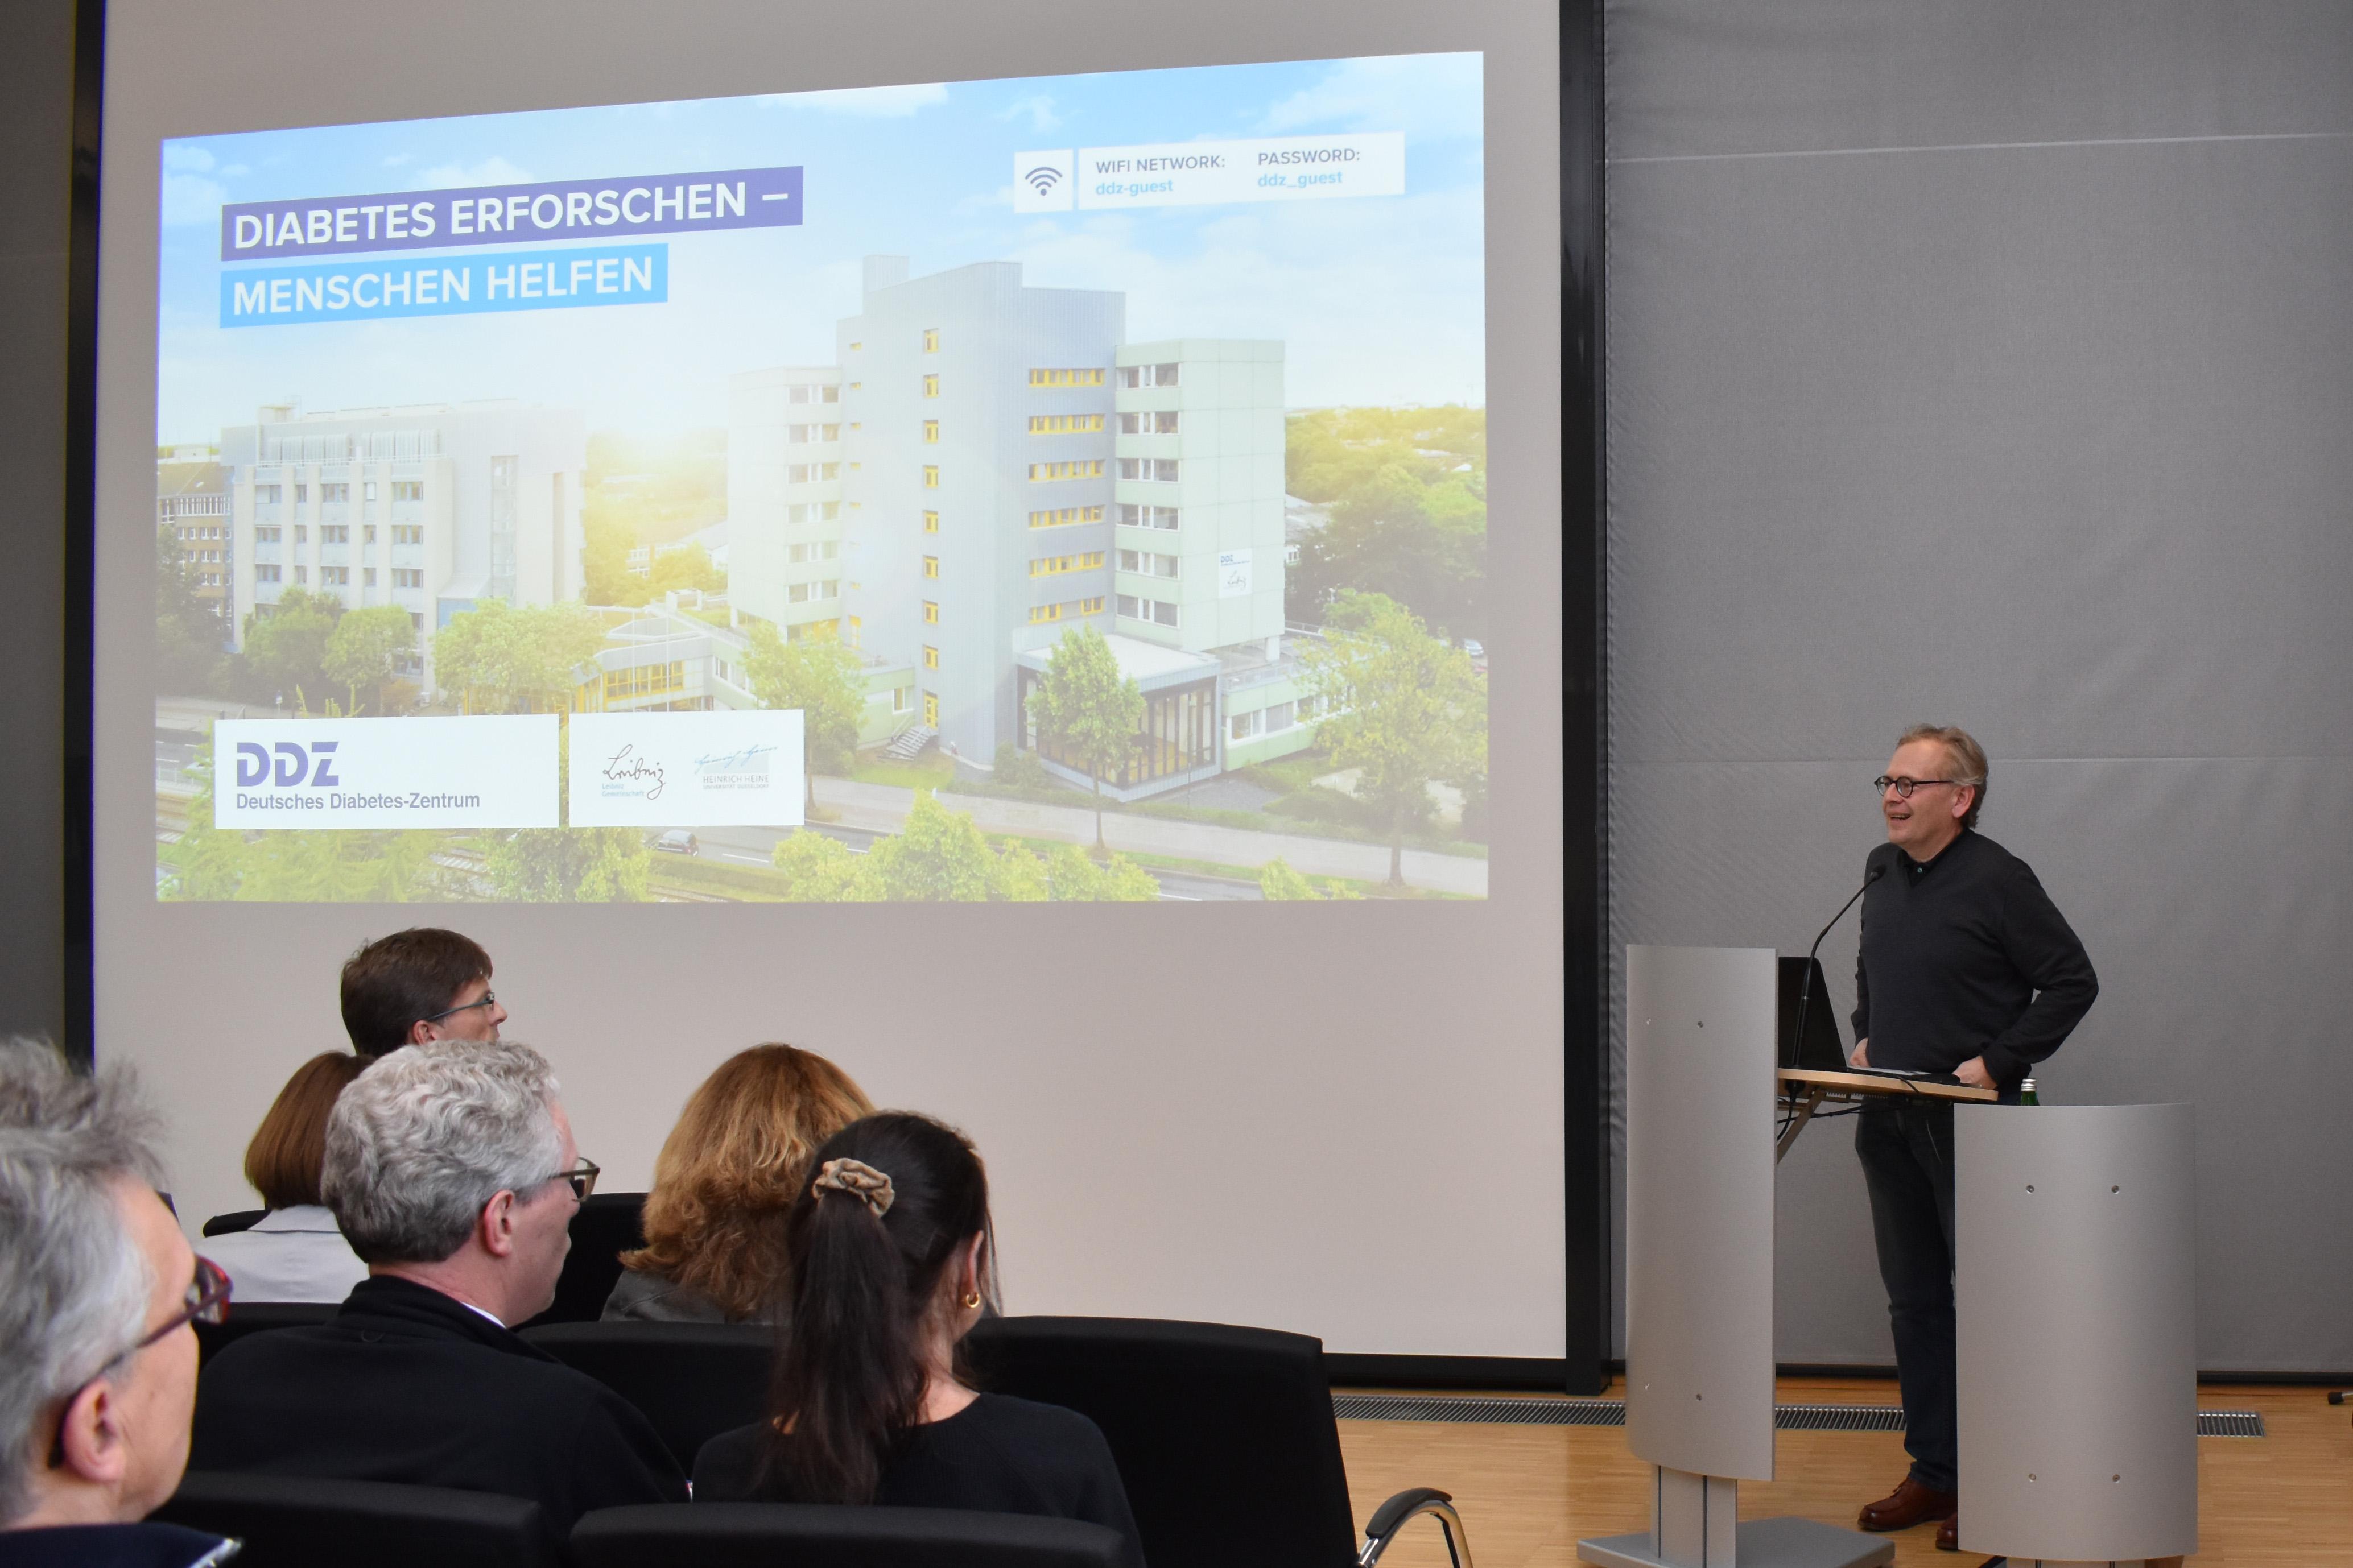 Prof. Dr. Roden begrüßt die Teilnehmerinnen und Teilnehmer der Veranstaltung 3 Jahre RIN Diabetes